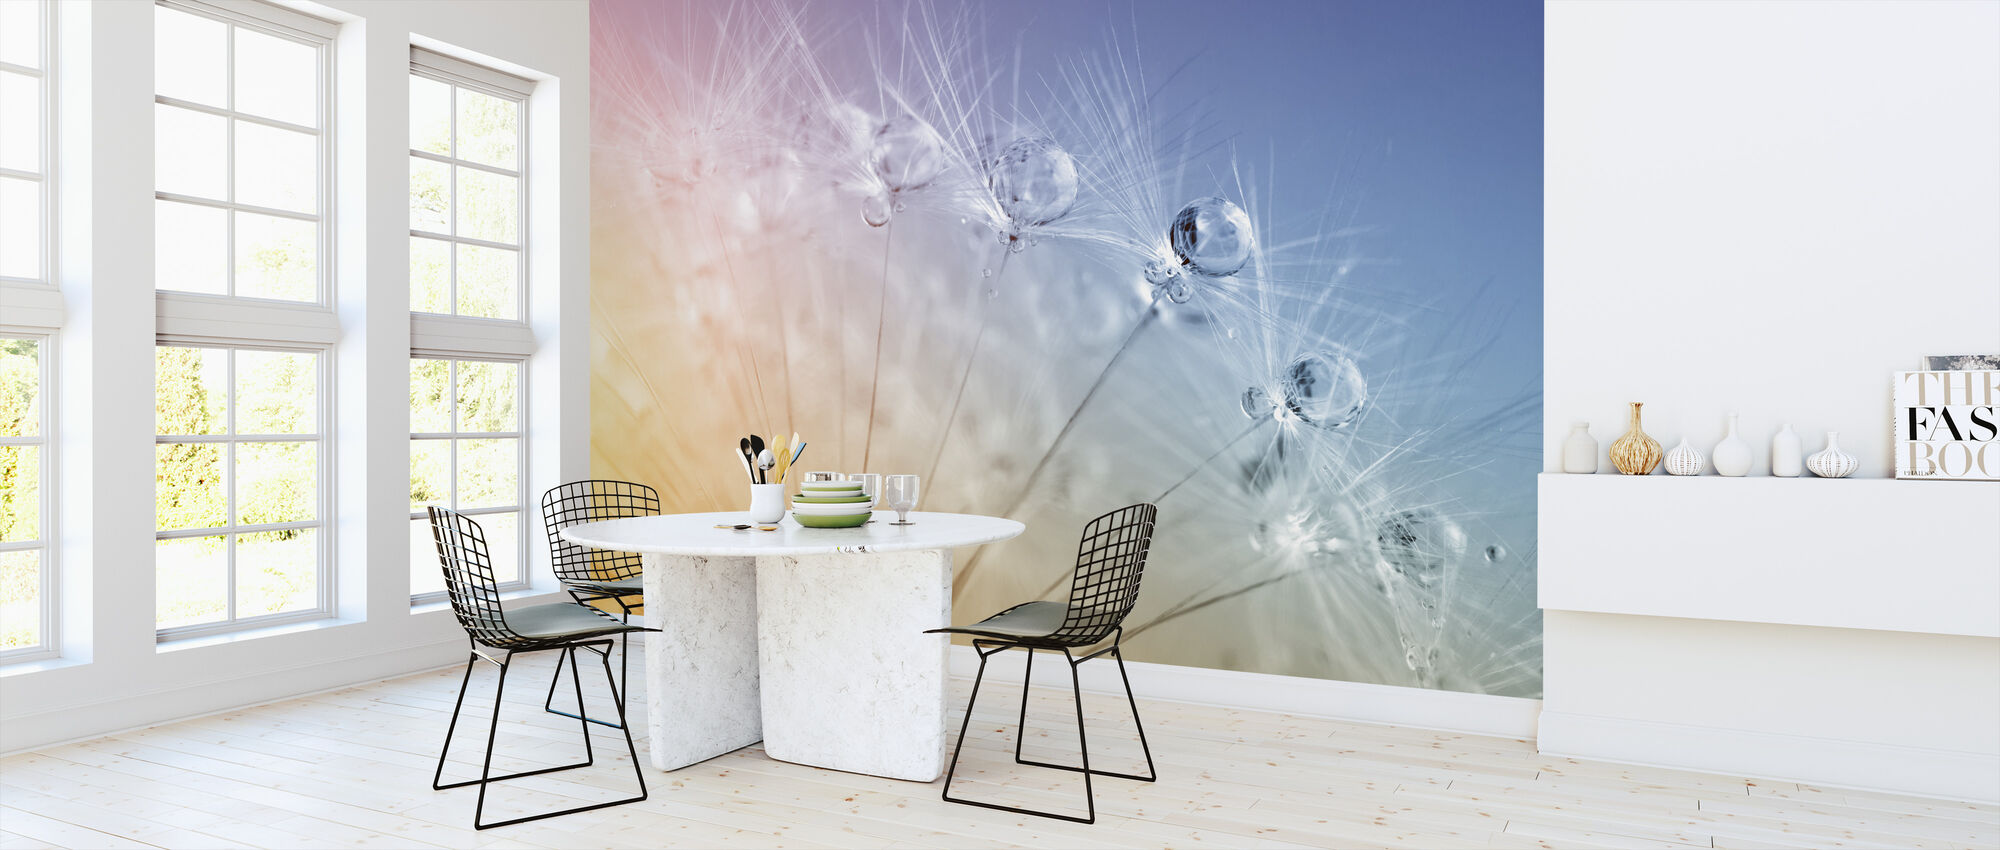 Drops on Dandelion Seed - Wallpaper - Kitchen